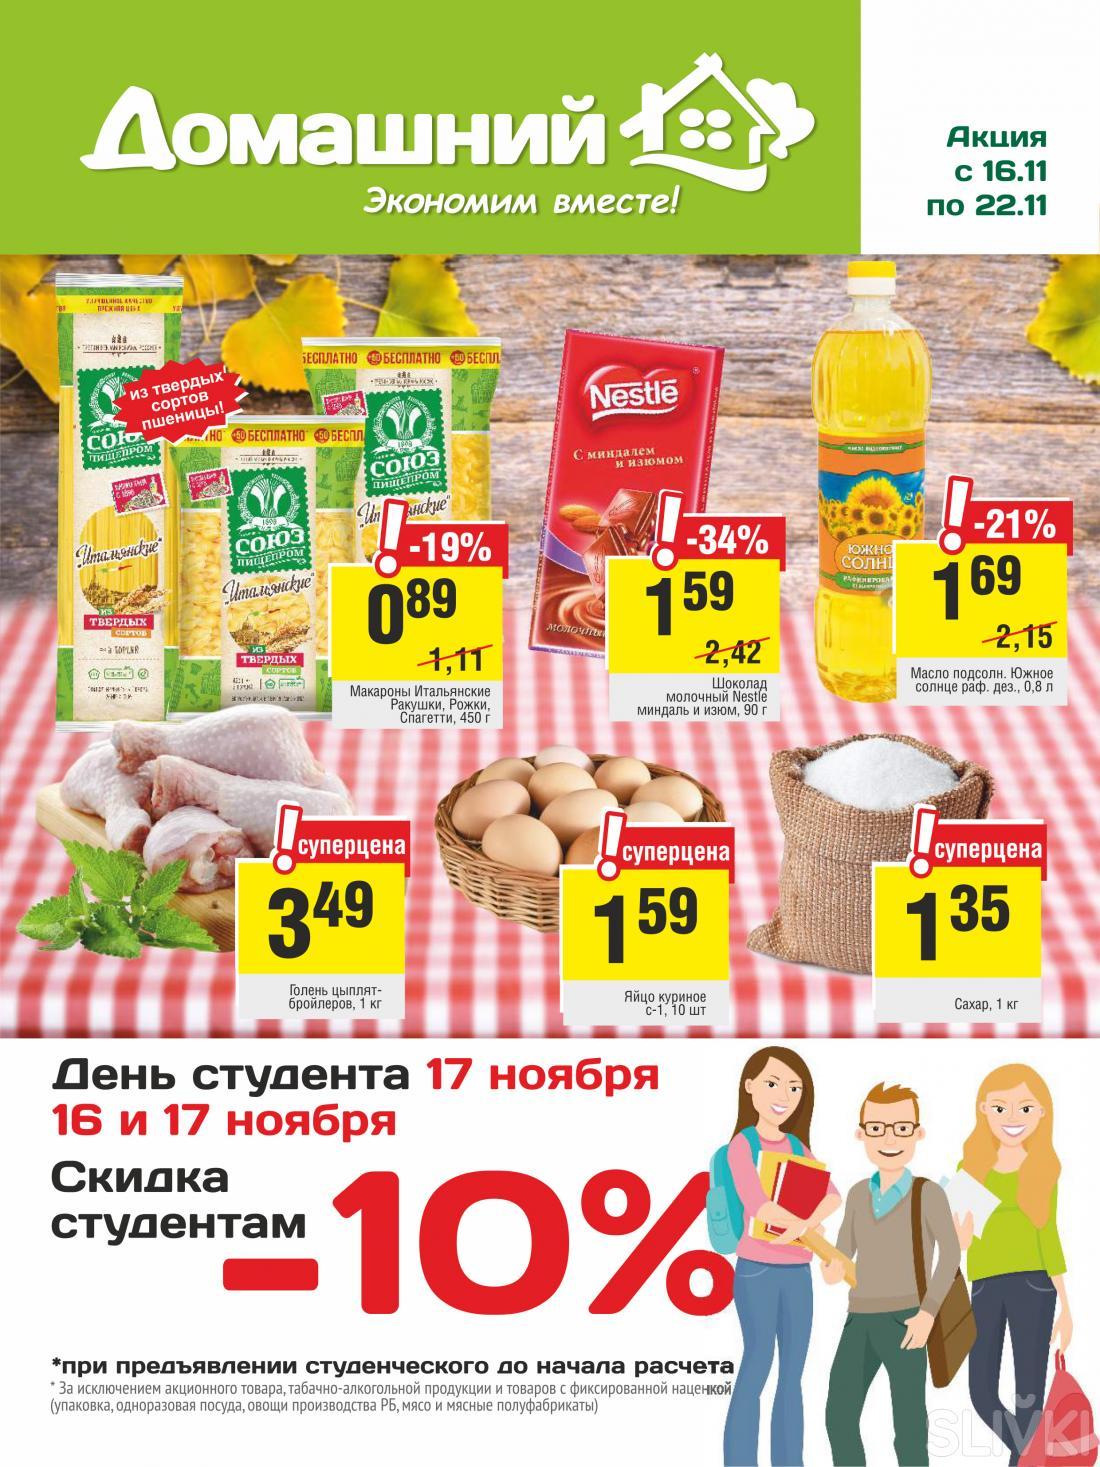 """Акции в магазинах """"Домашний""""!"""